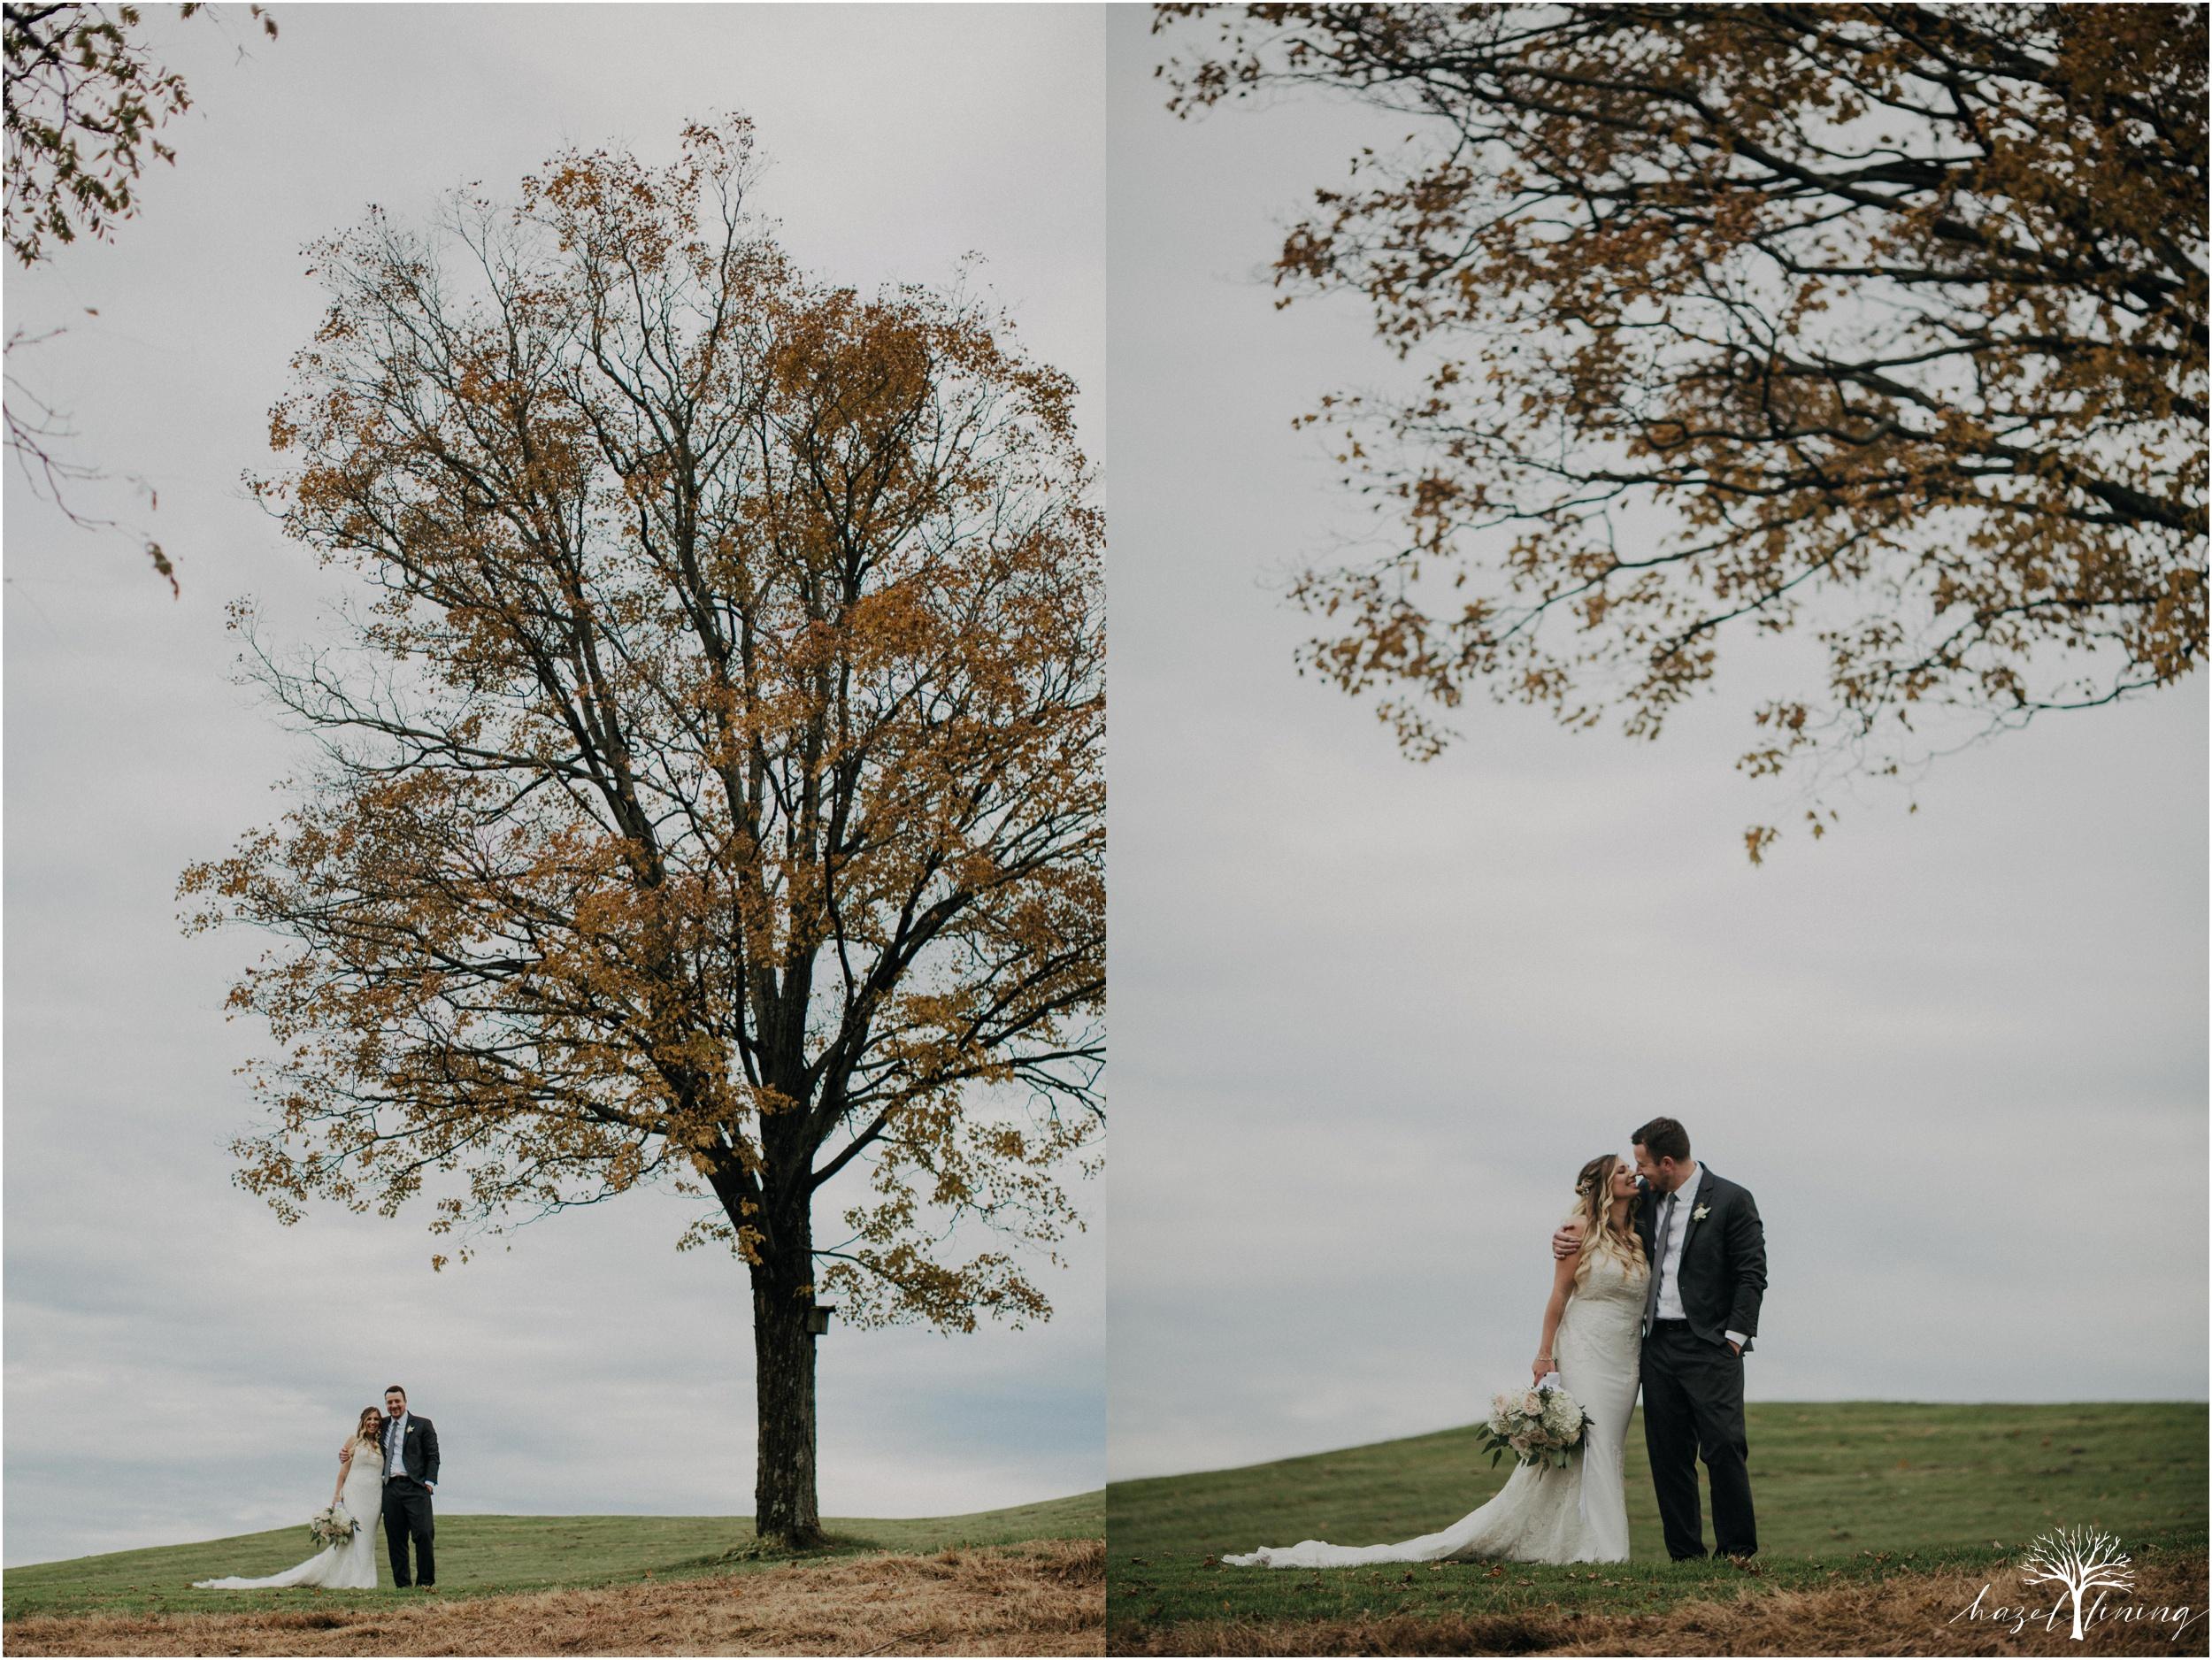 jessie-martin-zach-umlauf-olde-homestead-golfclub-outdoor-autumn-wedding_0130.jpg